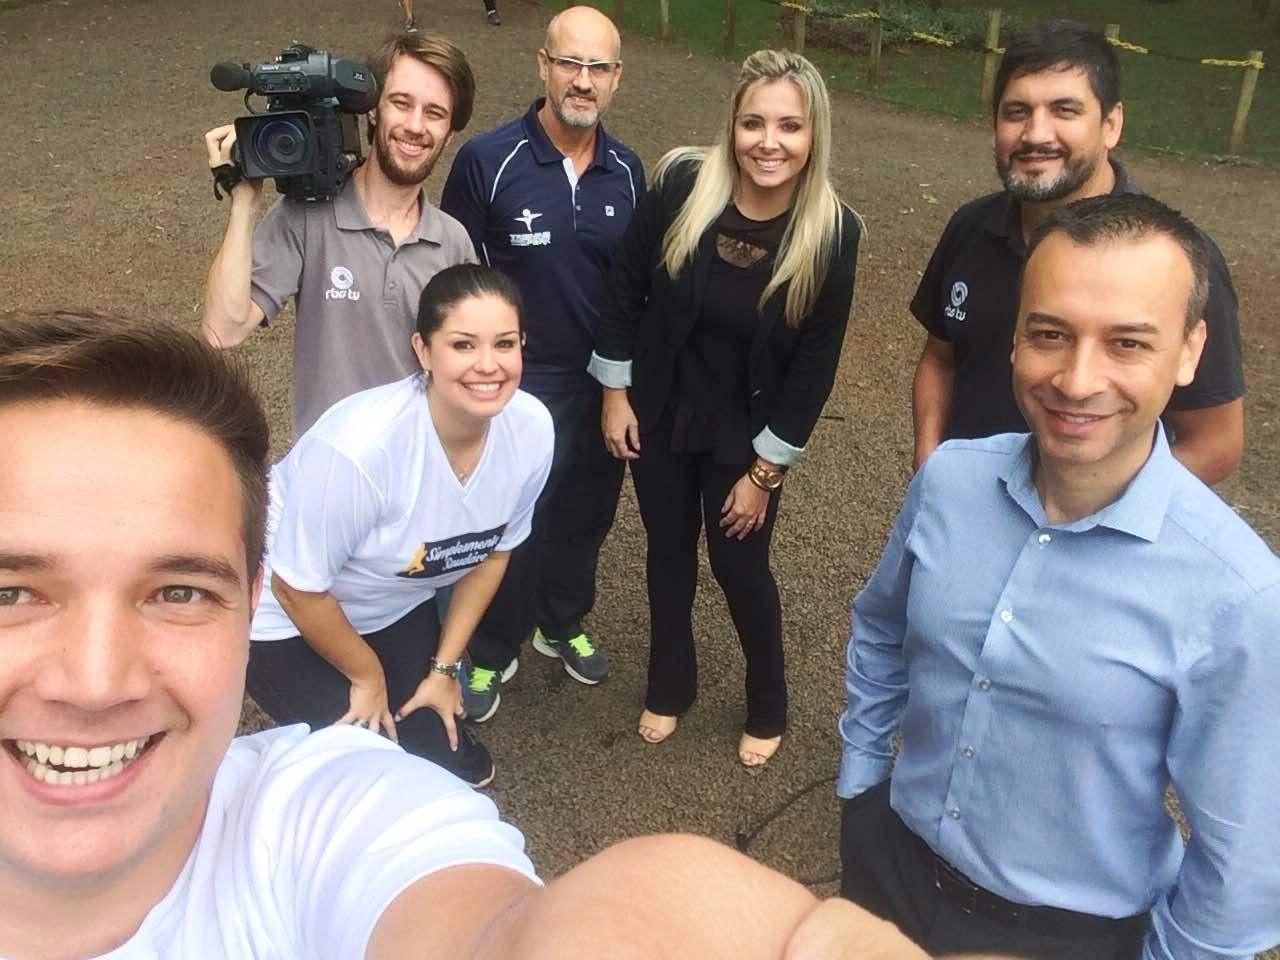 Jornalistas serão acompanhados pela nutricionista Flávia Sell, o educador físico Régis Soares e o cardiologista Cláudio Ferreira. (Foto: RBS TV/Divulgação)